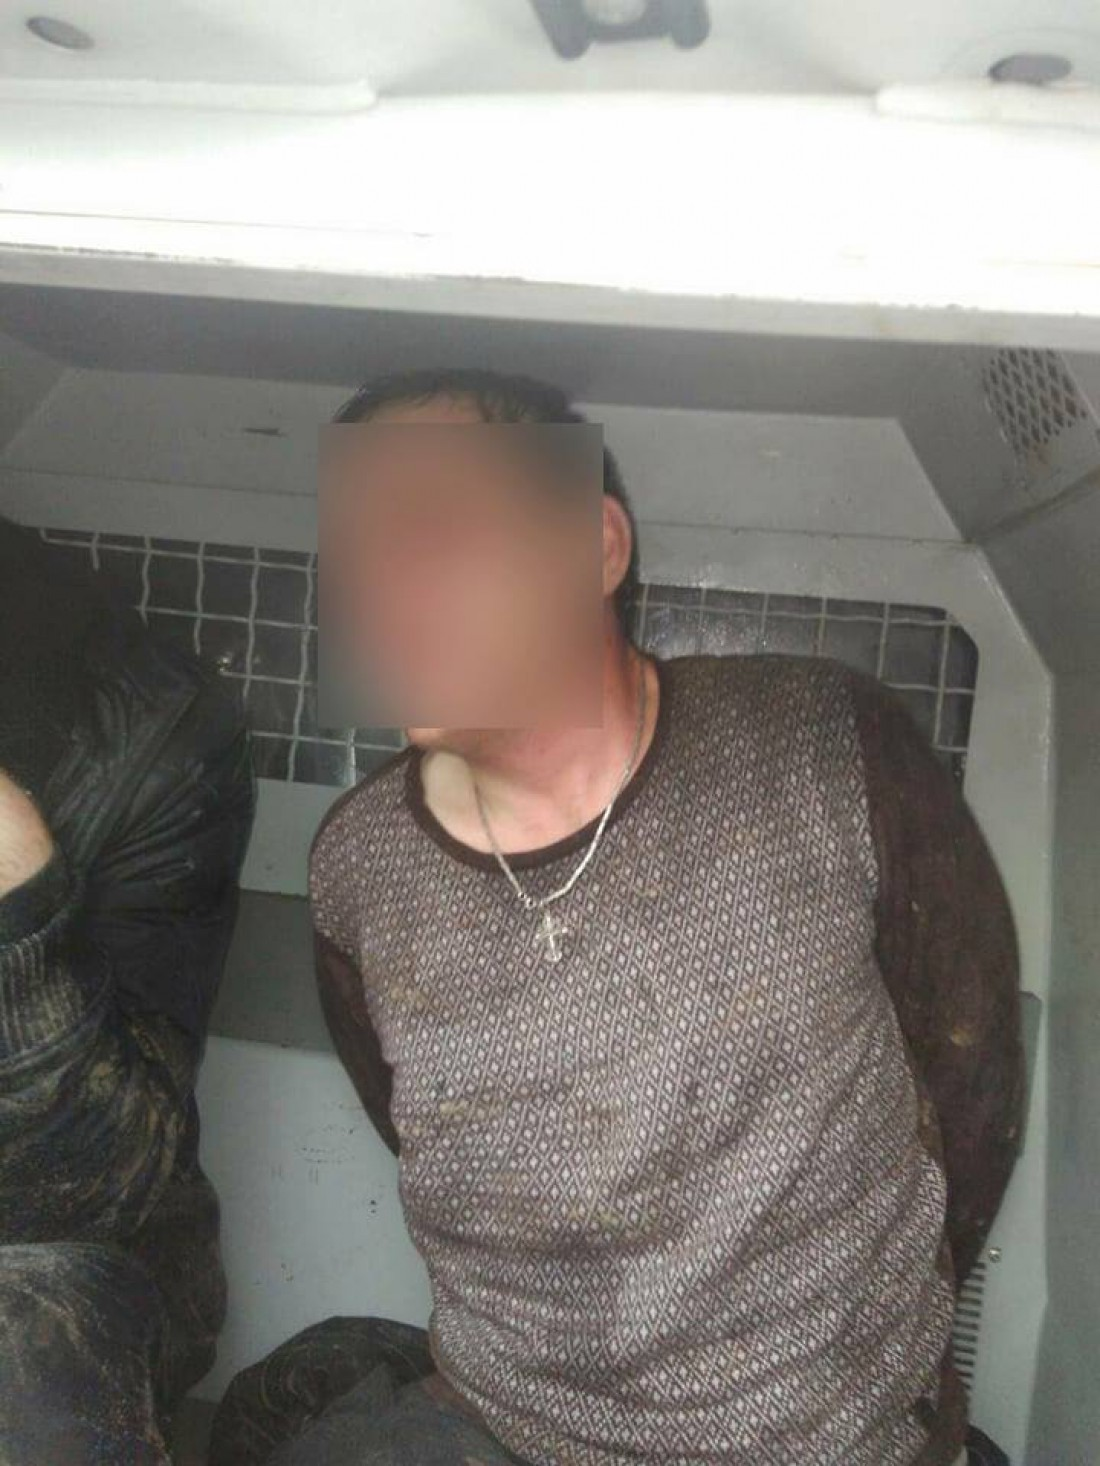 Задержанные - граждане Грузии